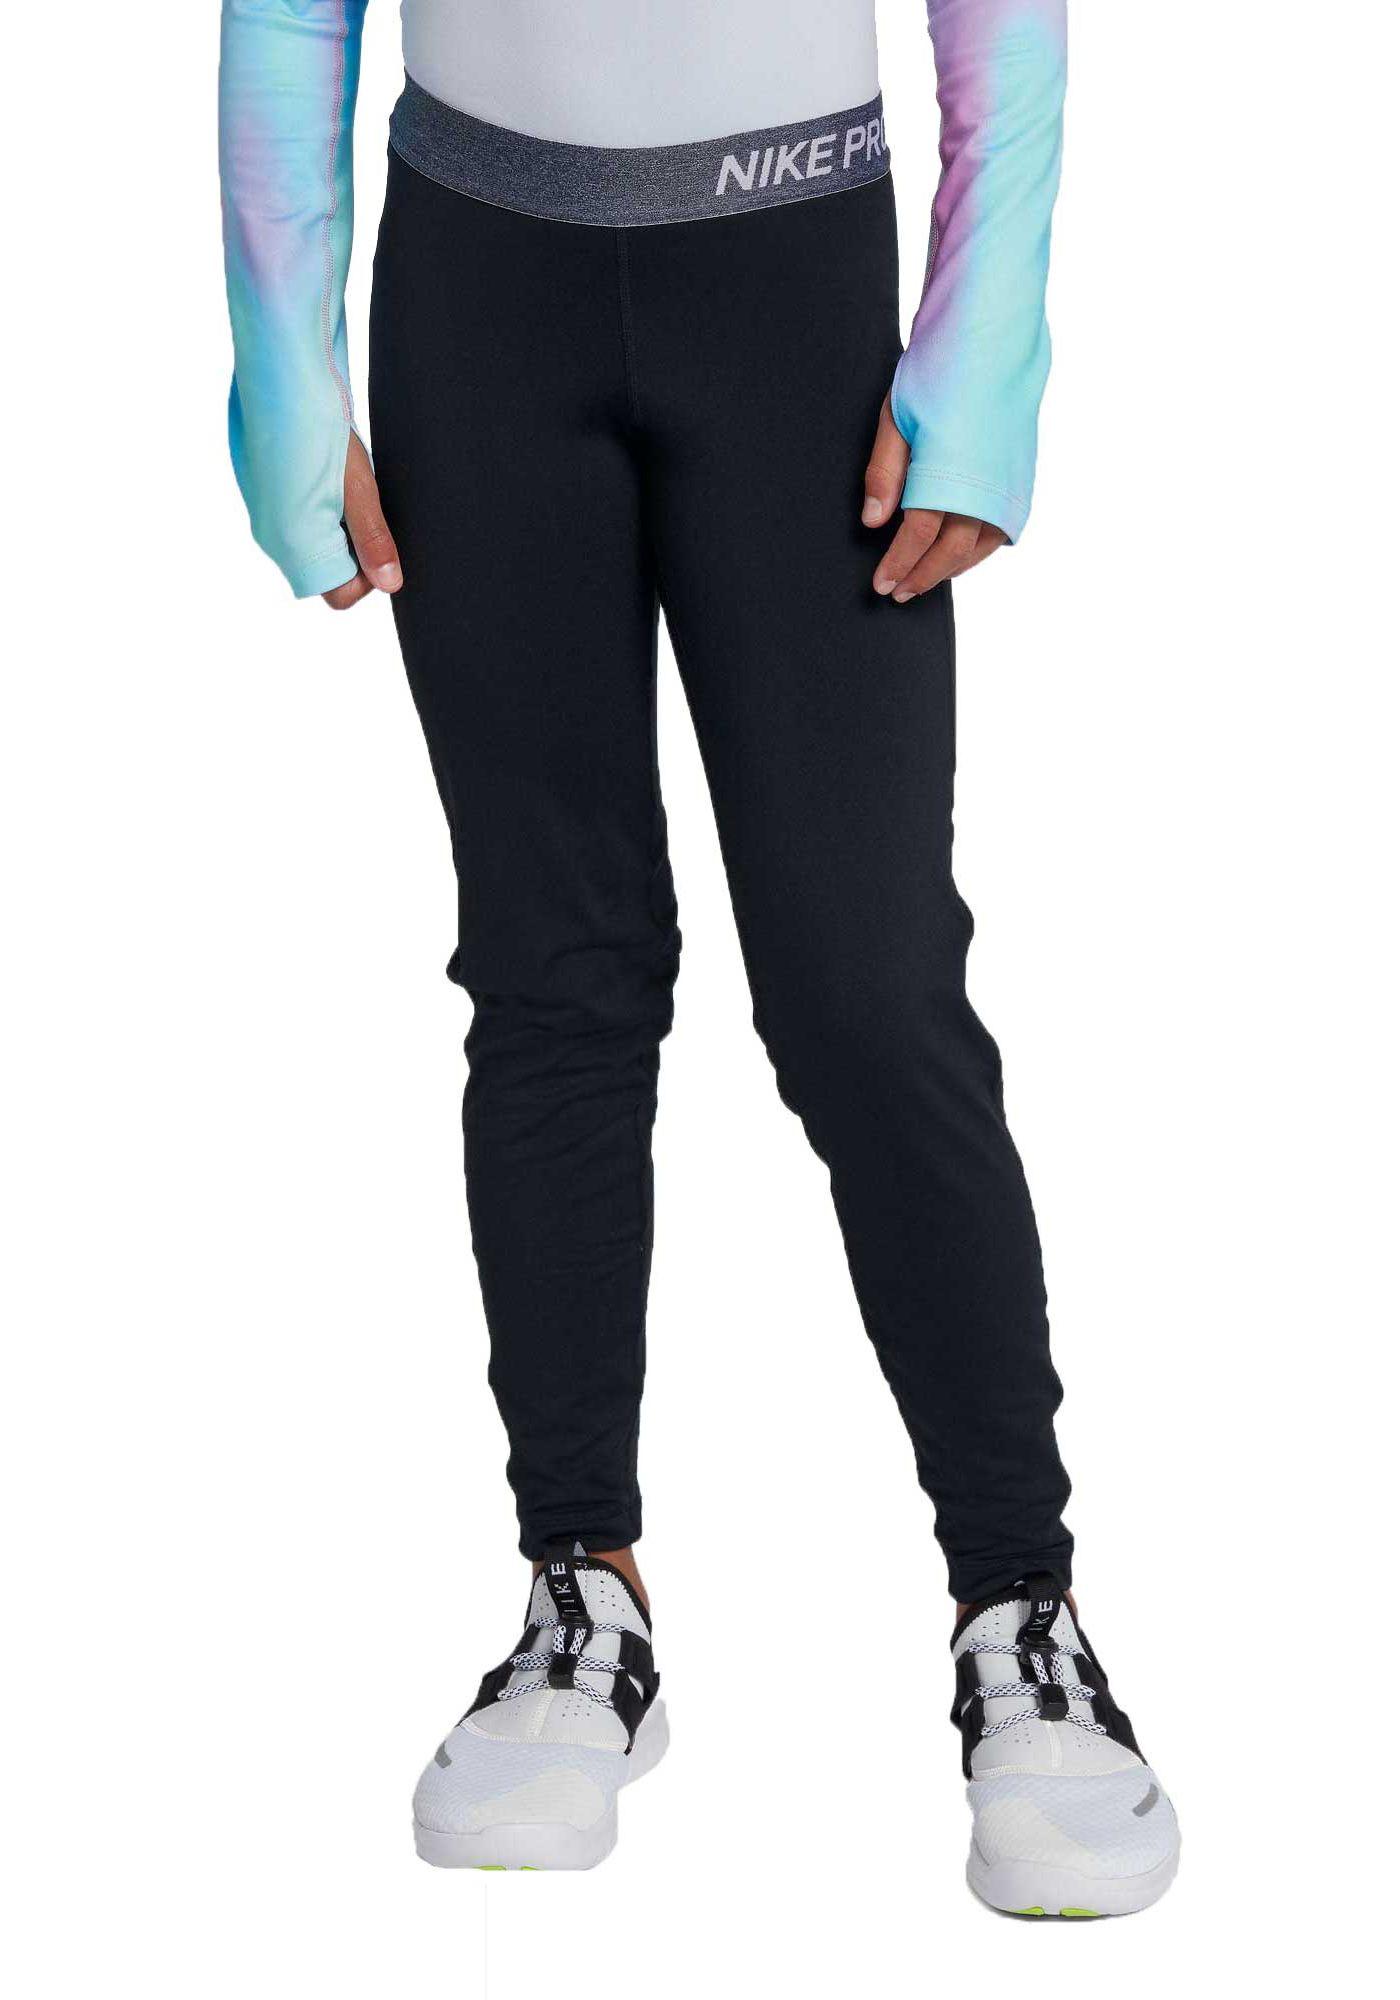 Nike Girls' Pro Dri-FIT Warm Training Tights